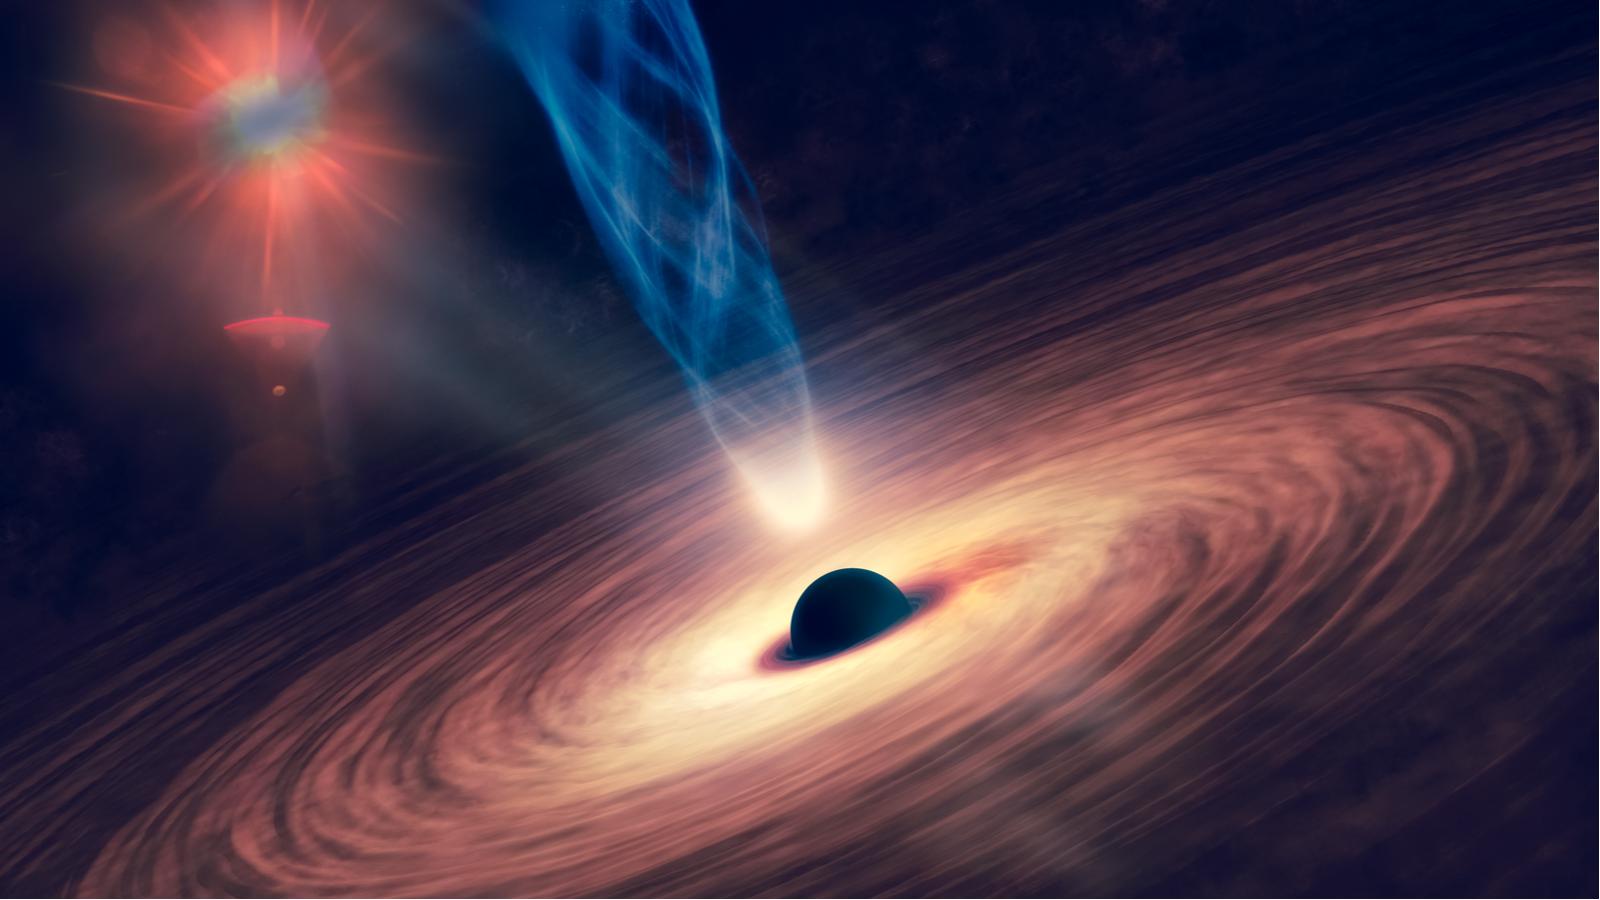 Fond d'écran de l'espace abstrait du trou noir avec nébuleuse sur les étoiles colorées et les champs de nuages dans l'espace extra-atmosphérique